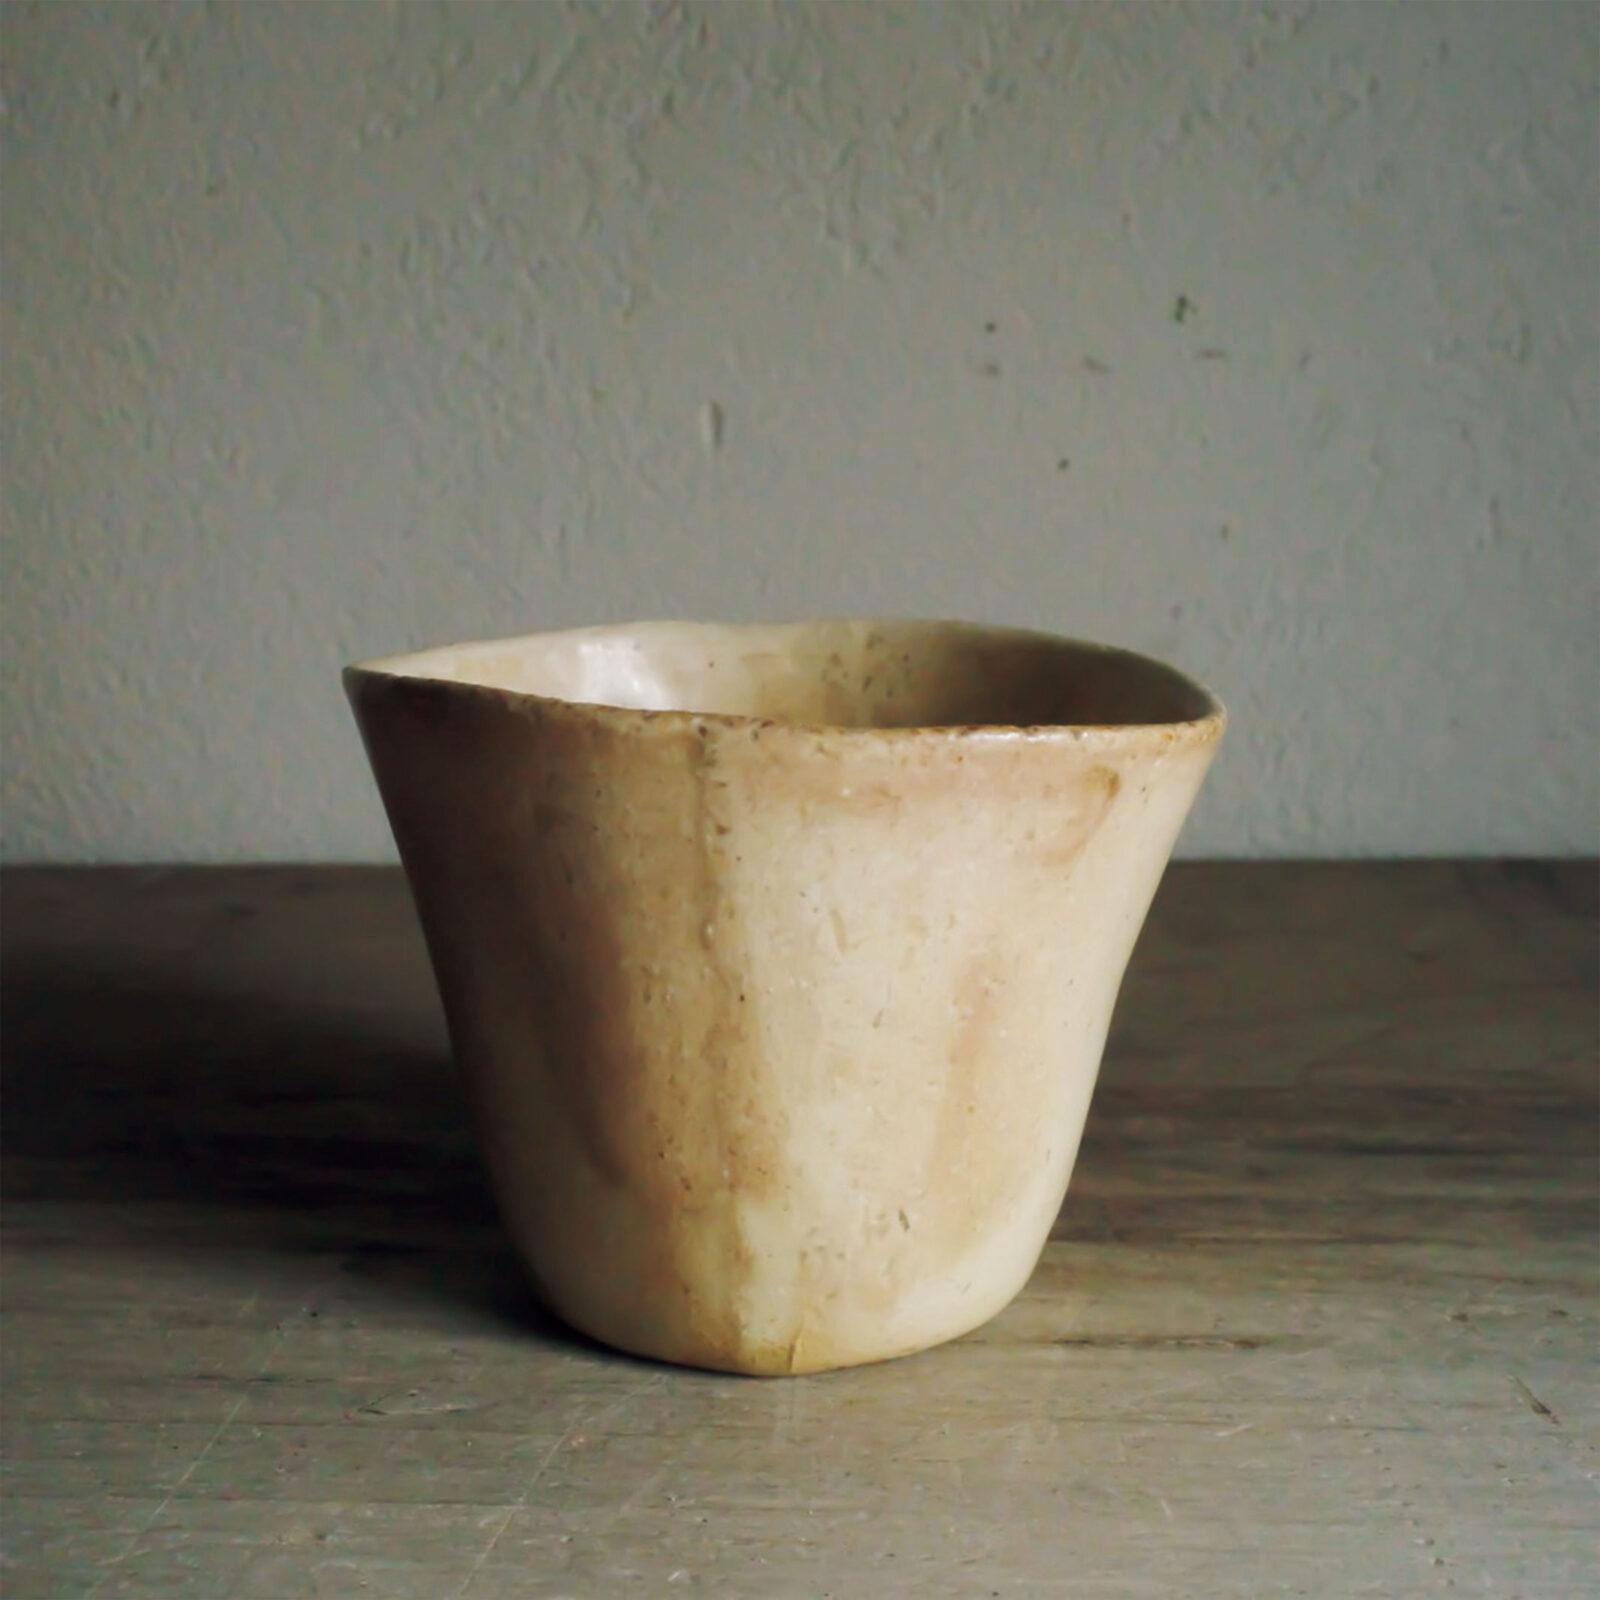 西坂晃一(〈白日〉店主)歪みがあり手馴染みが良く、毎日愛用しています。鹿児島の駆け出し陶芸家、岩切秀央さんのもの。古物のような雰囲気もあり、10年後にどうなるか、育てるのが楽しみな器です。